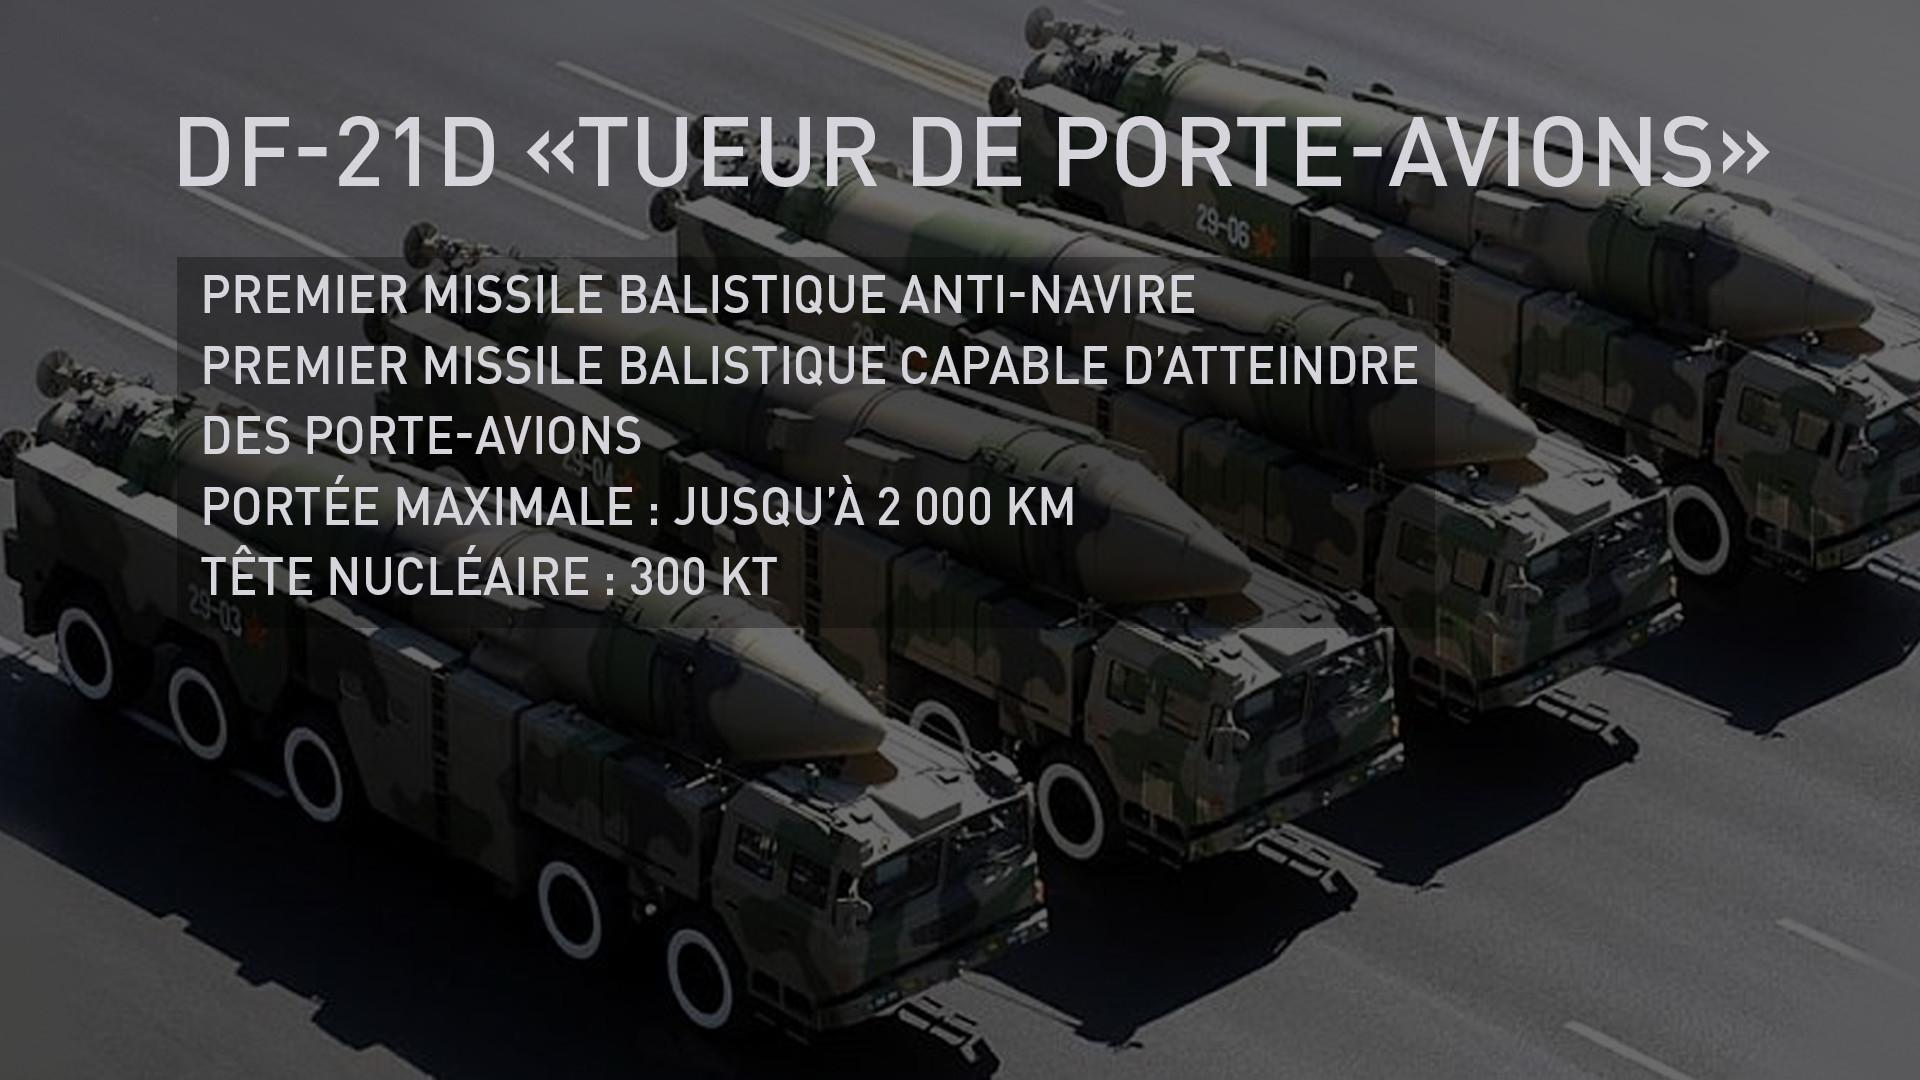 Le missile ballistique DF-21D